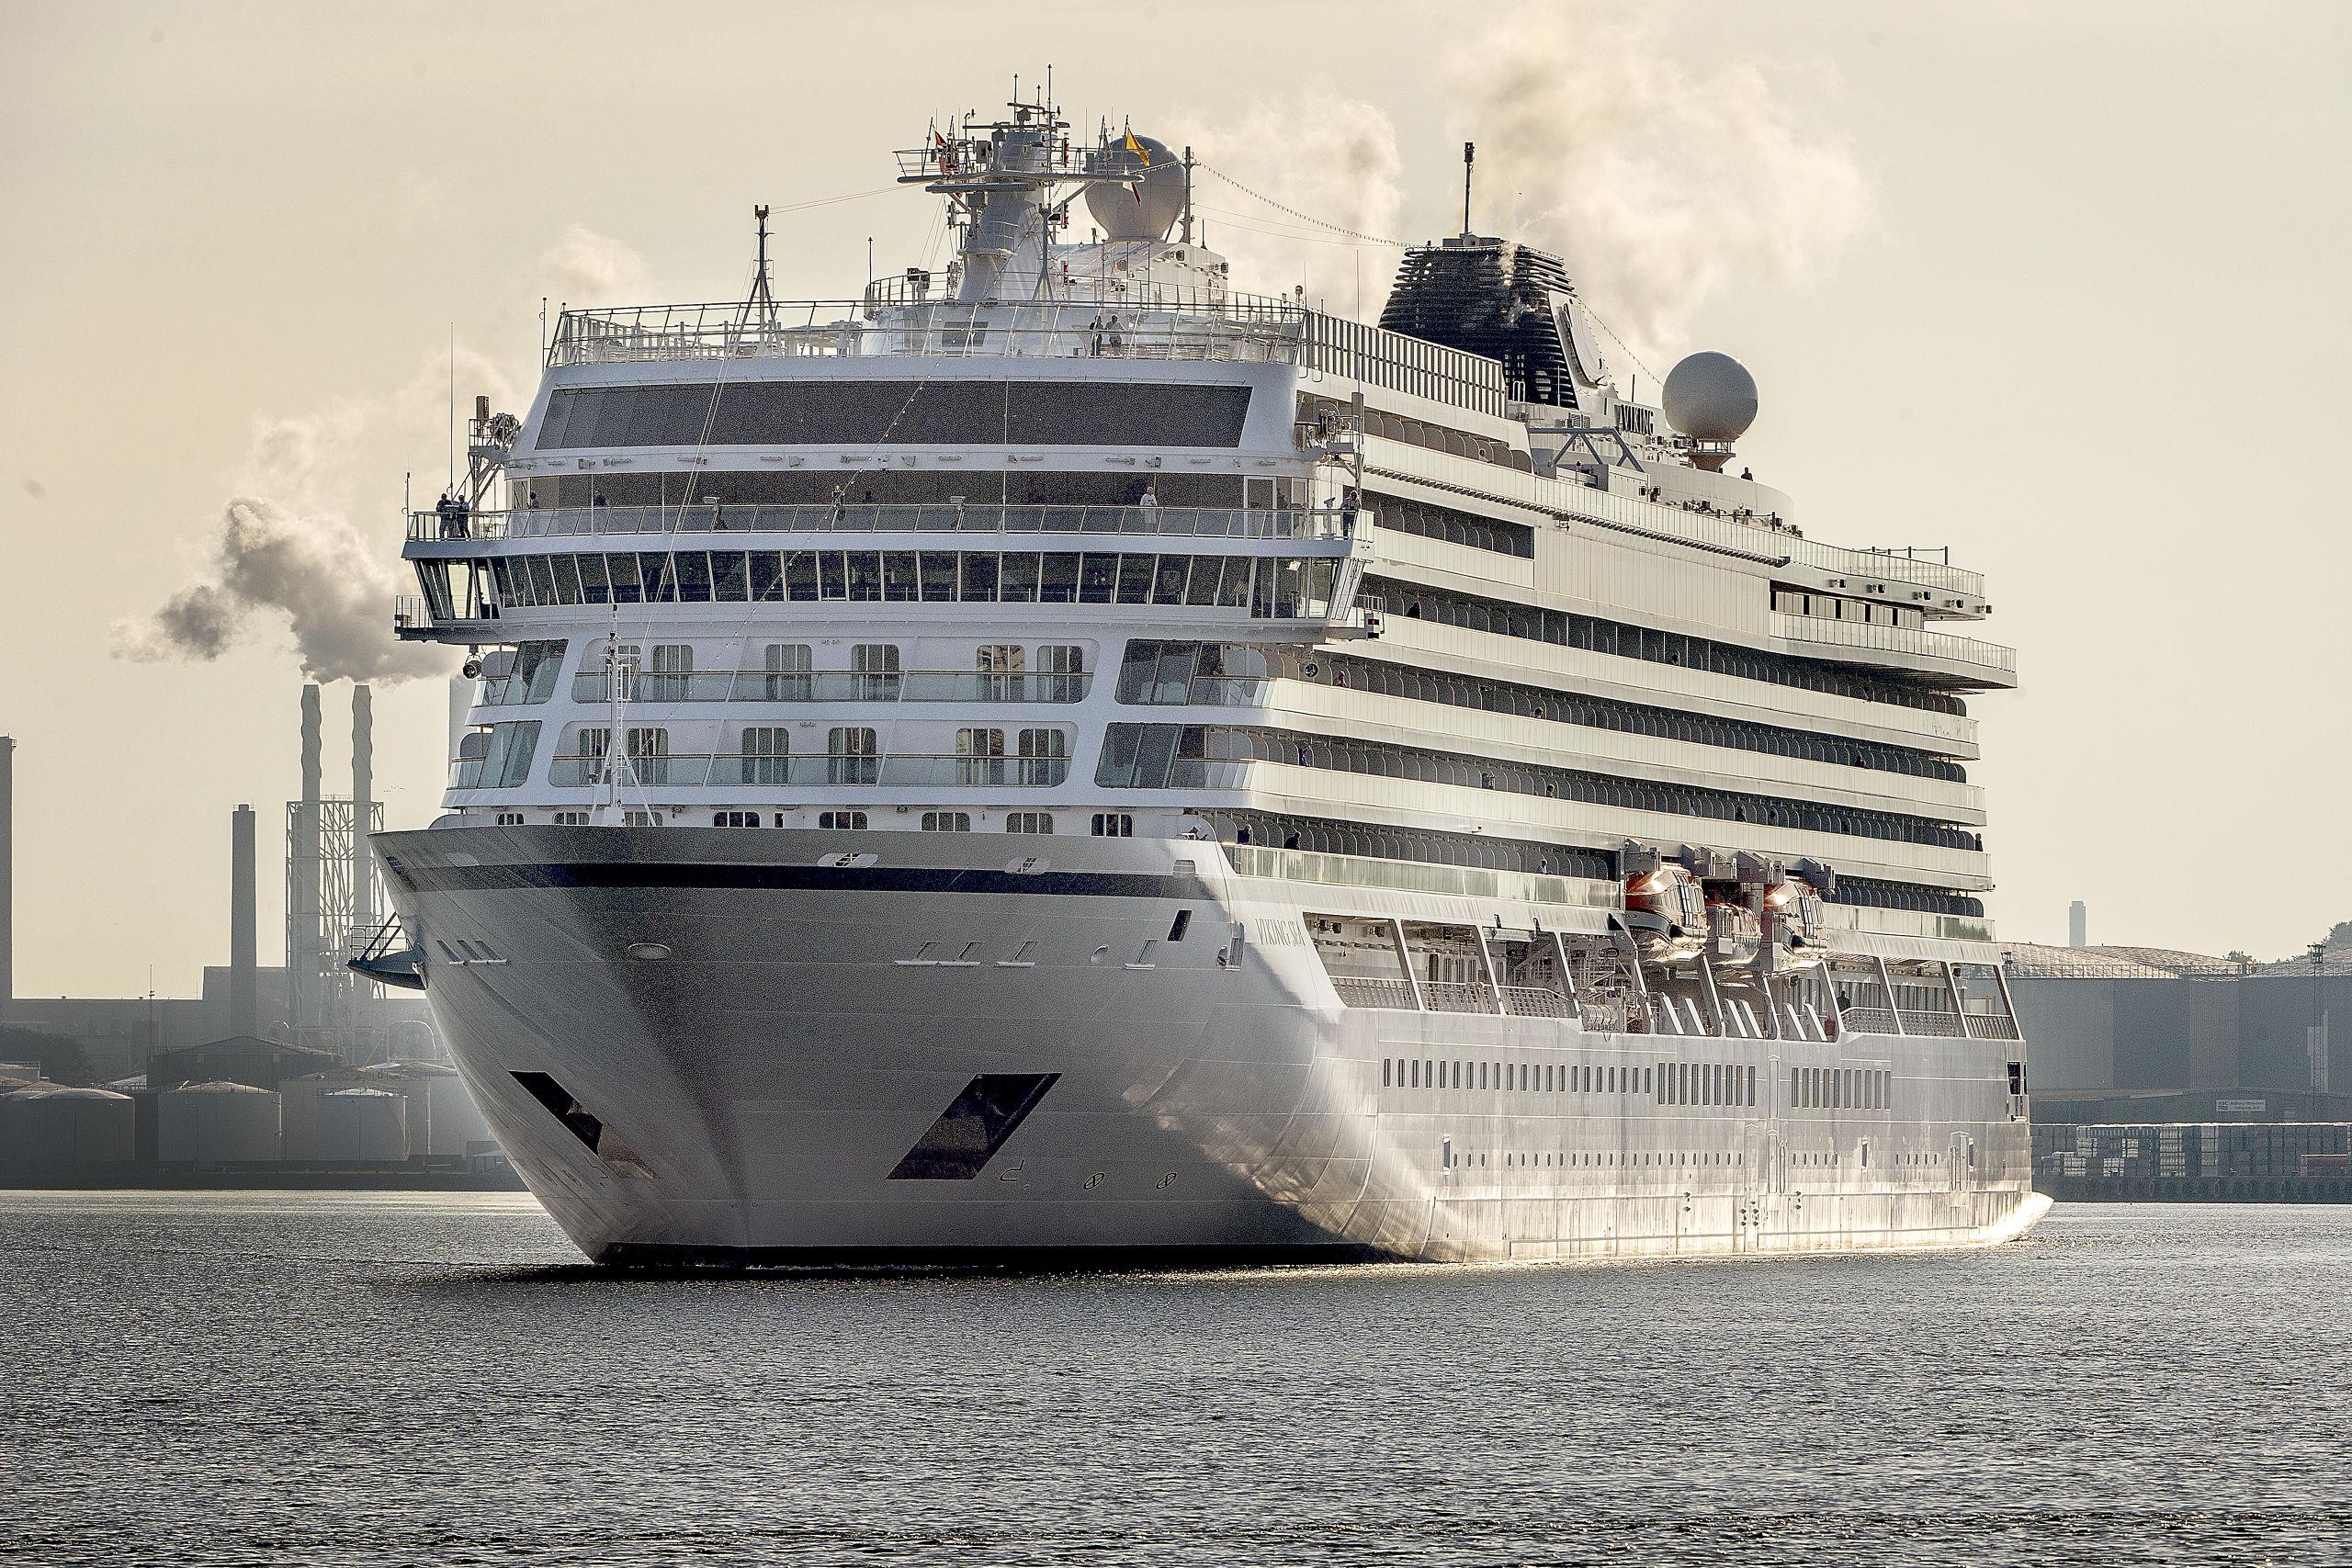 Kæmpebølge af krydstogtskibe er på vej til at skylle ind i Aalborg Havn